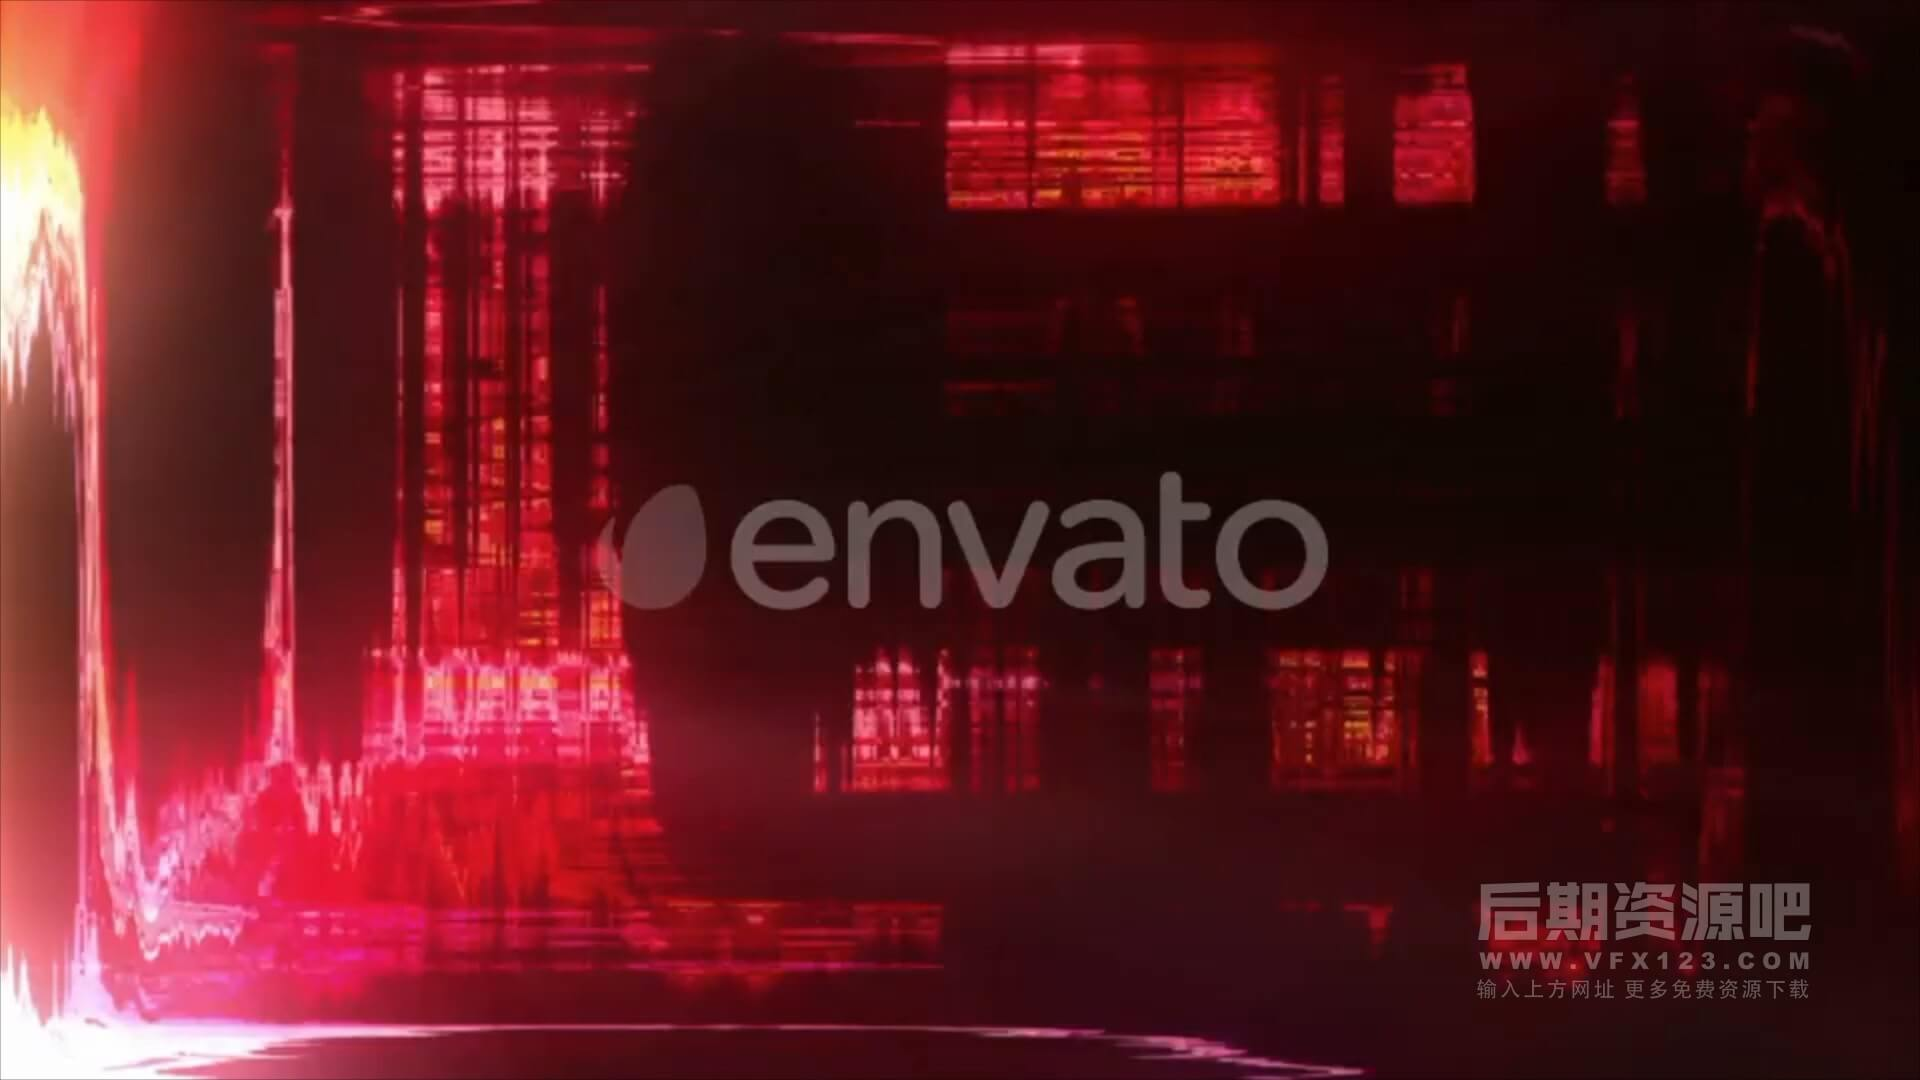 视频素材 40个抽象闪烁干扰射线毛刺效果叠加素材 Light Flash Transitions